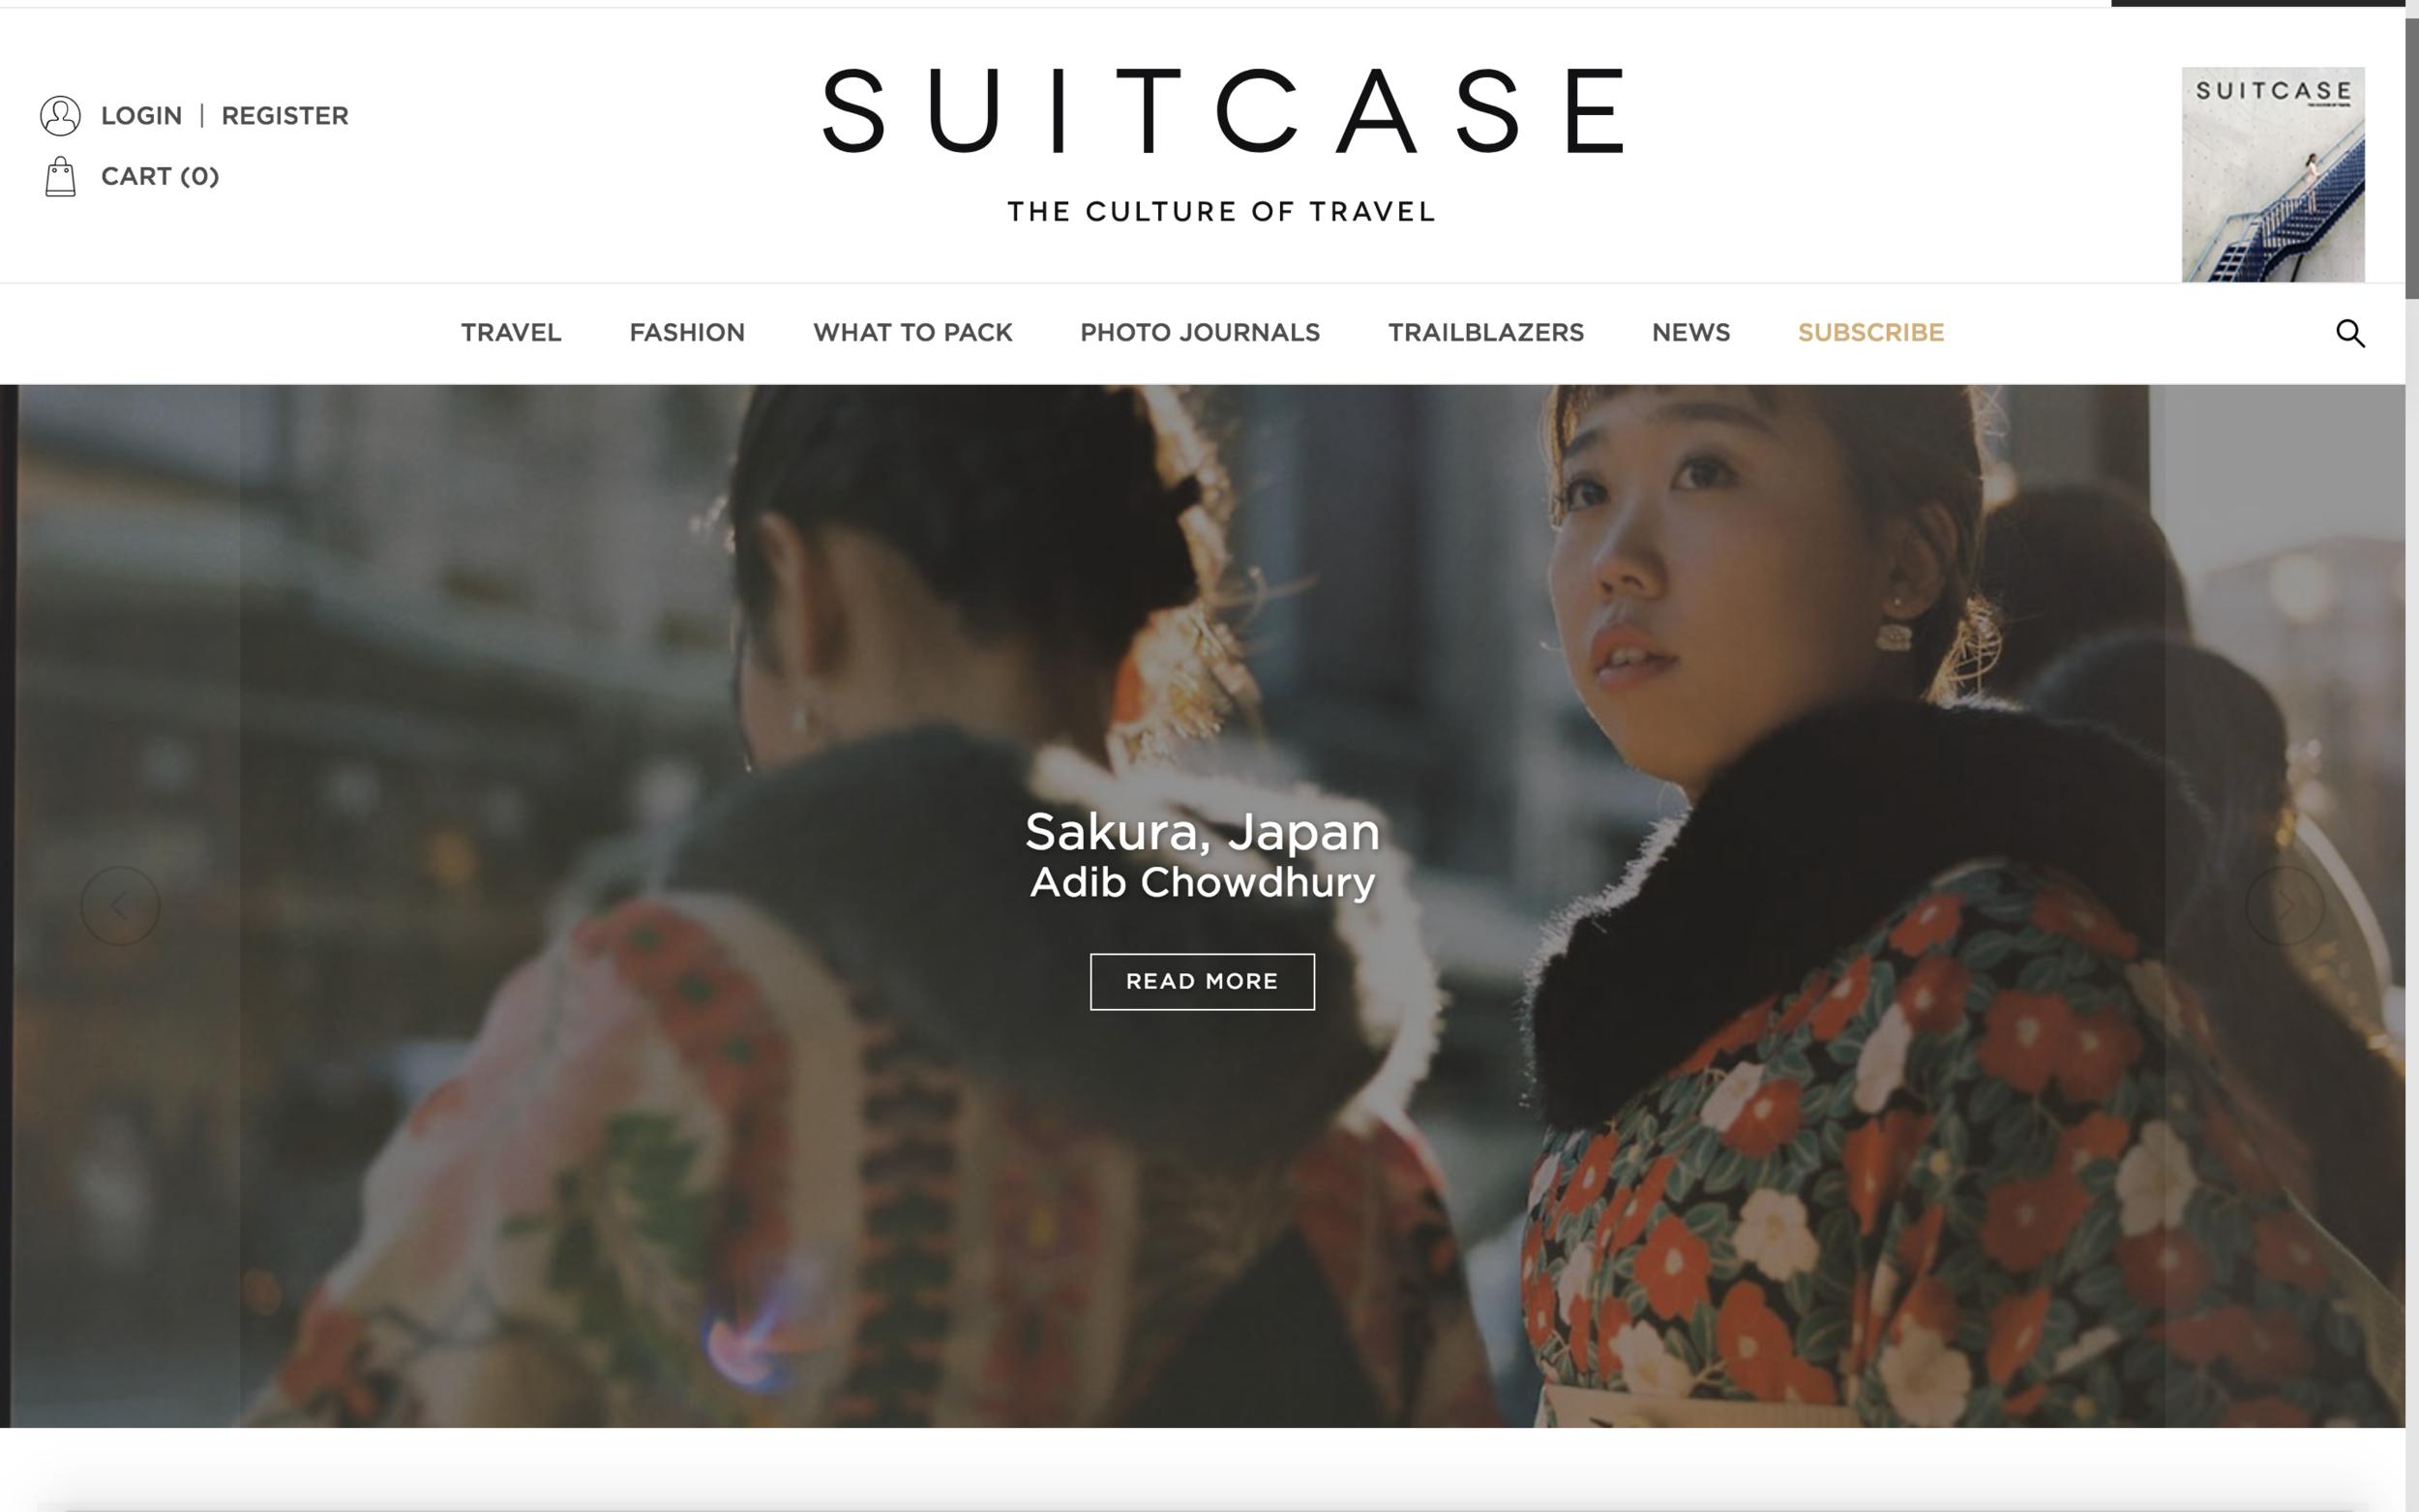 SUITCASE magazine, June 2018